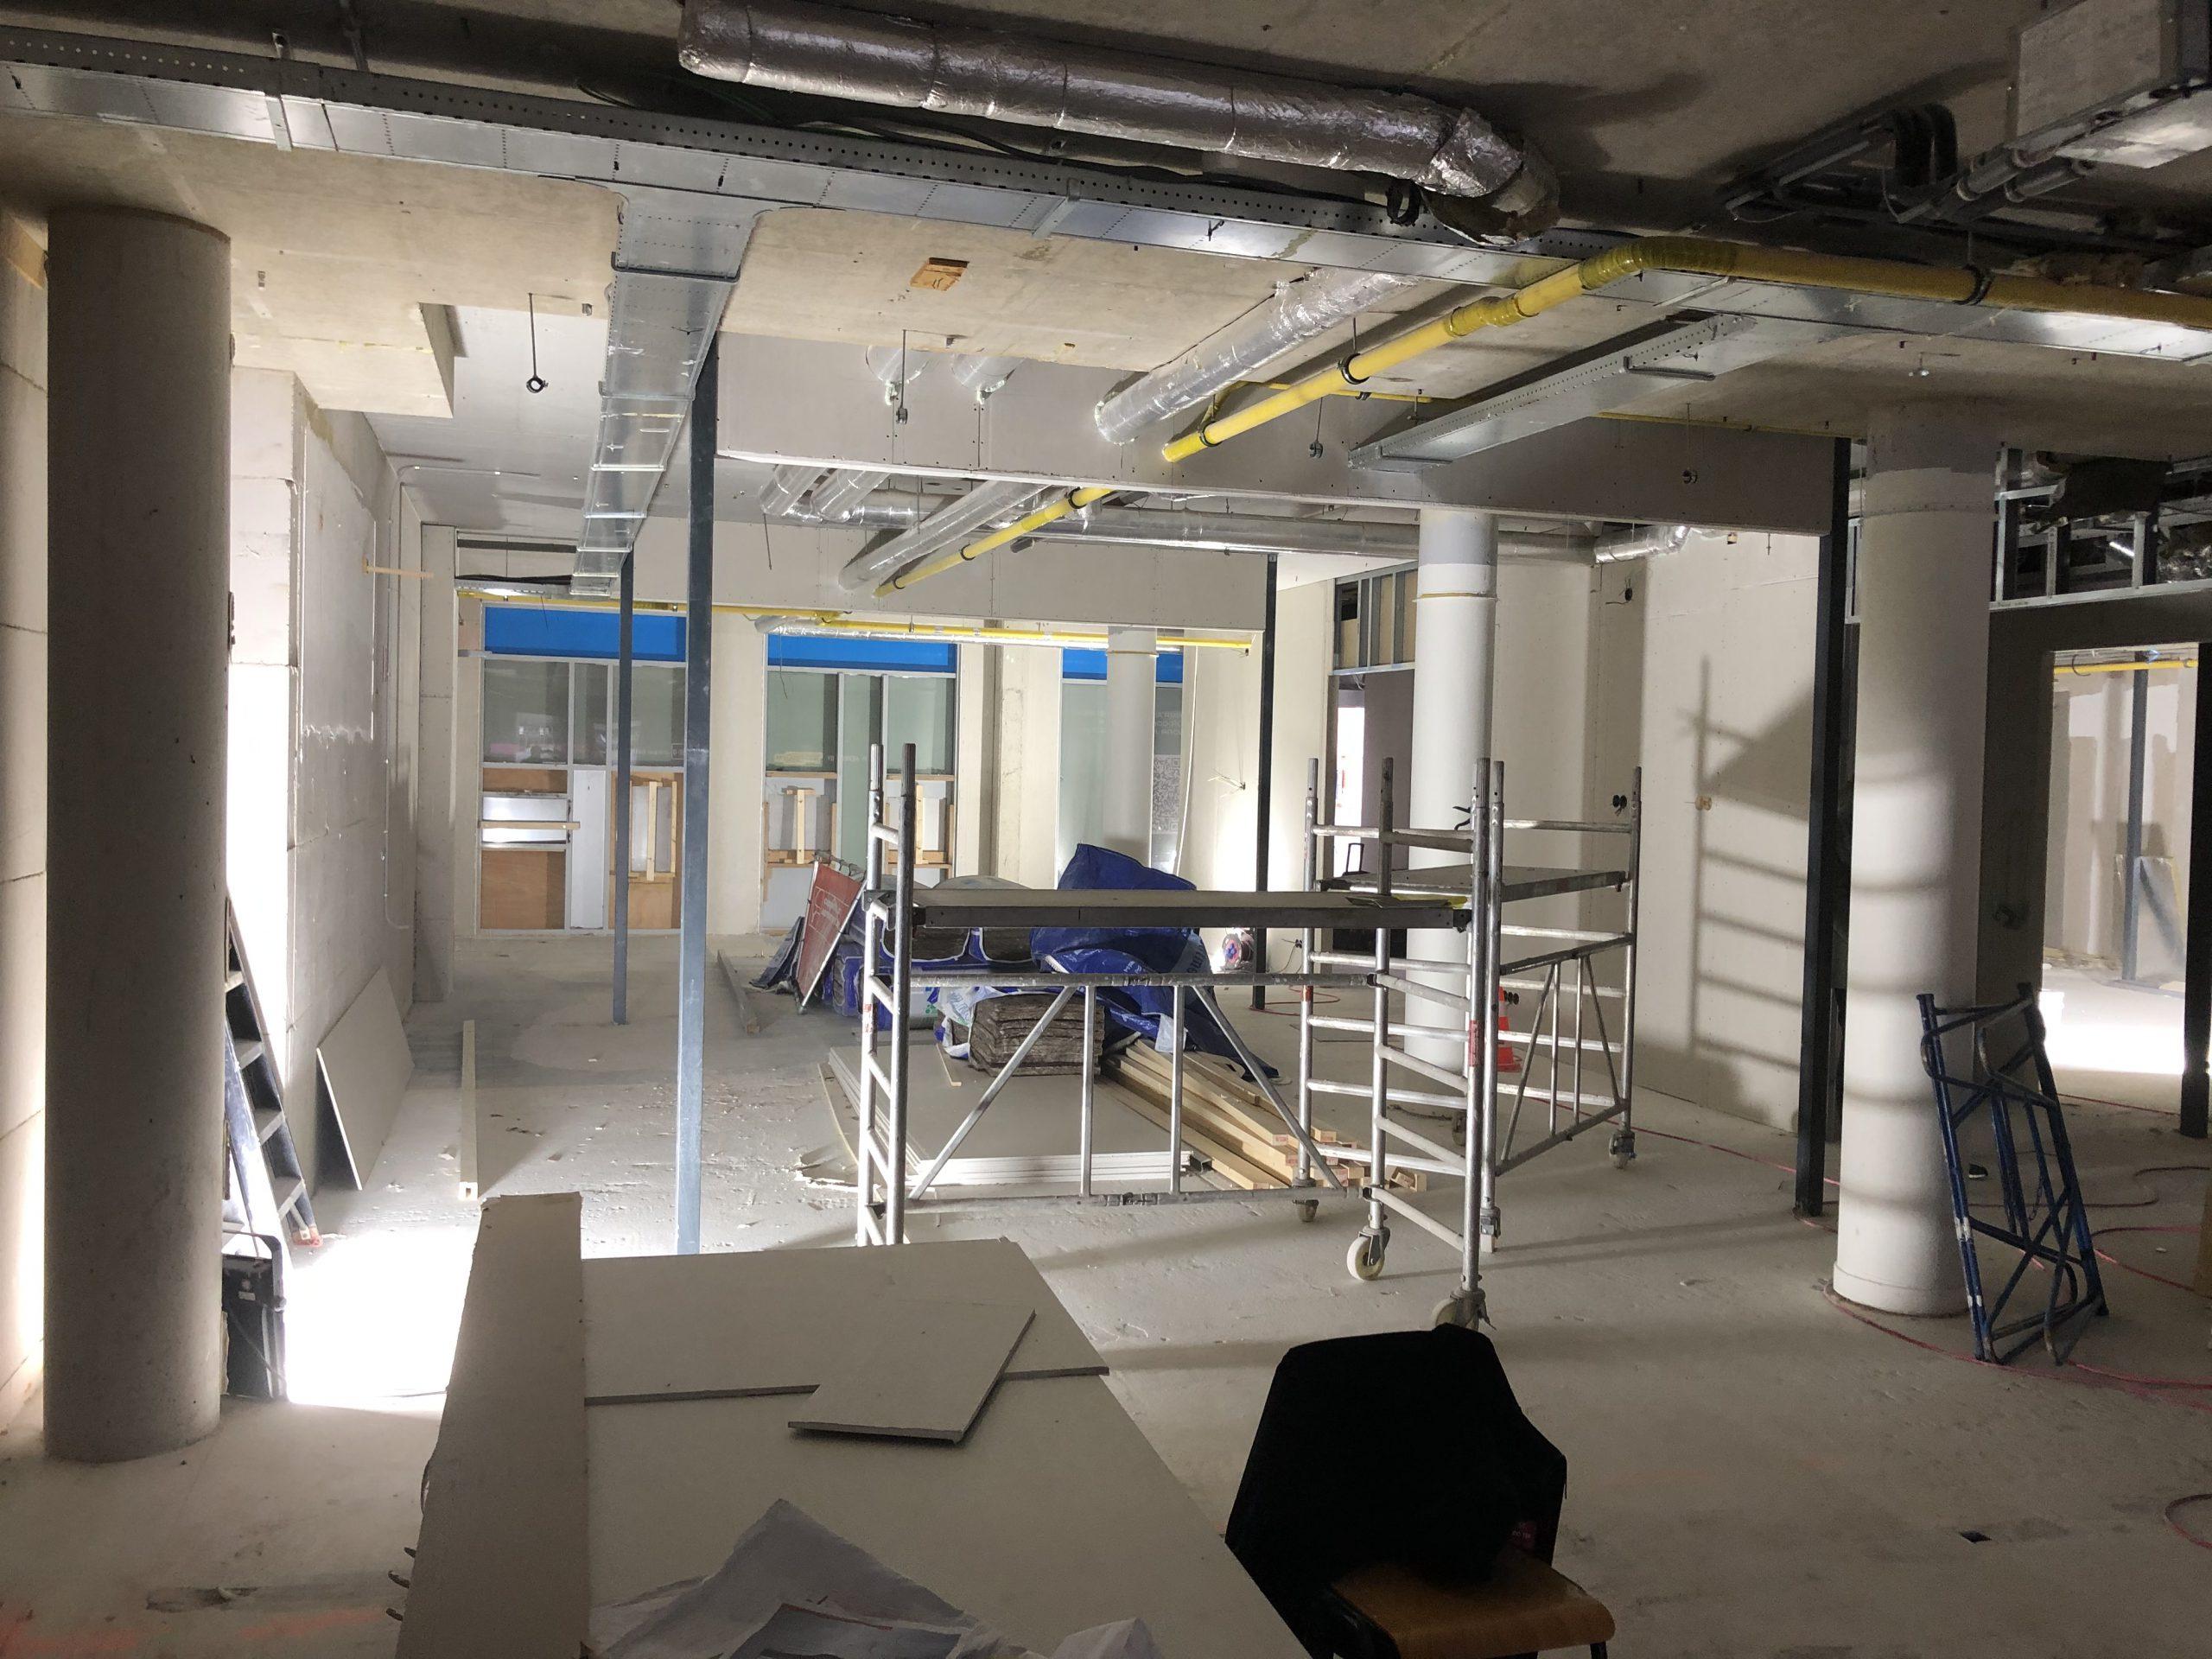 Tweede vestiging Harbor Gym under construction.